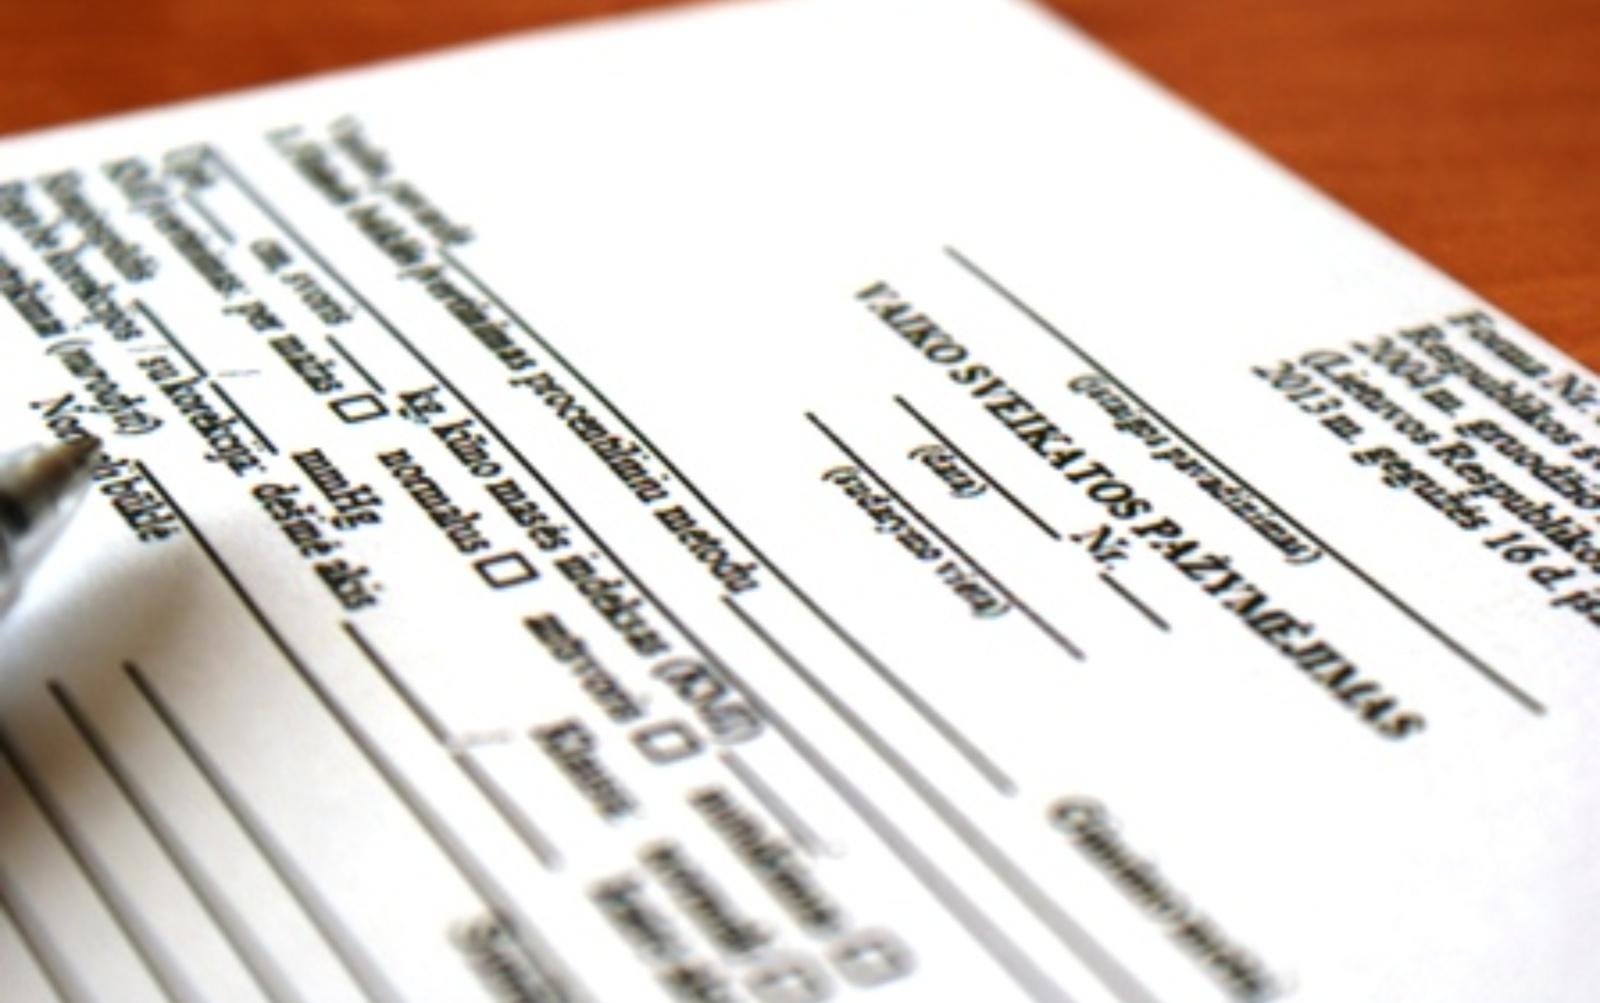 Laikinai nebus taikomas reikalavimas turėti galiojantį Mokinio sveikatos pažymėjimą